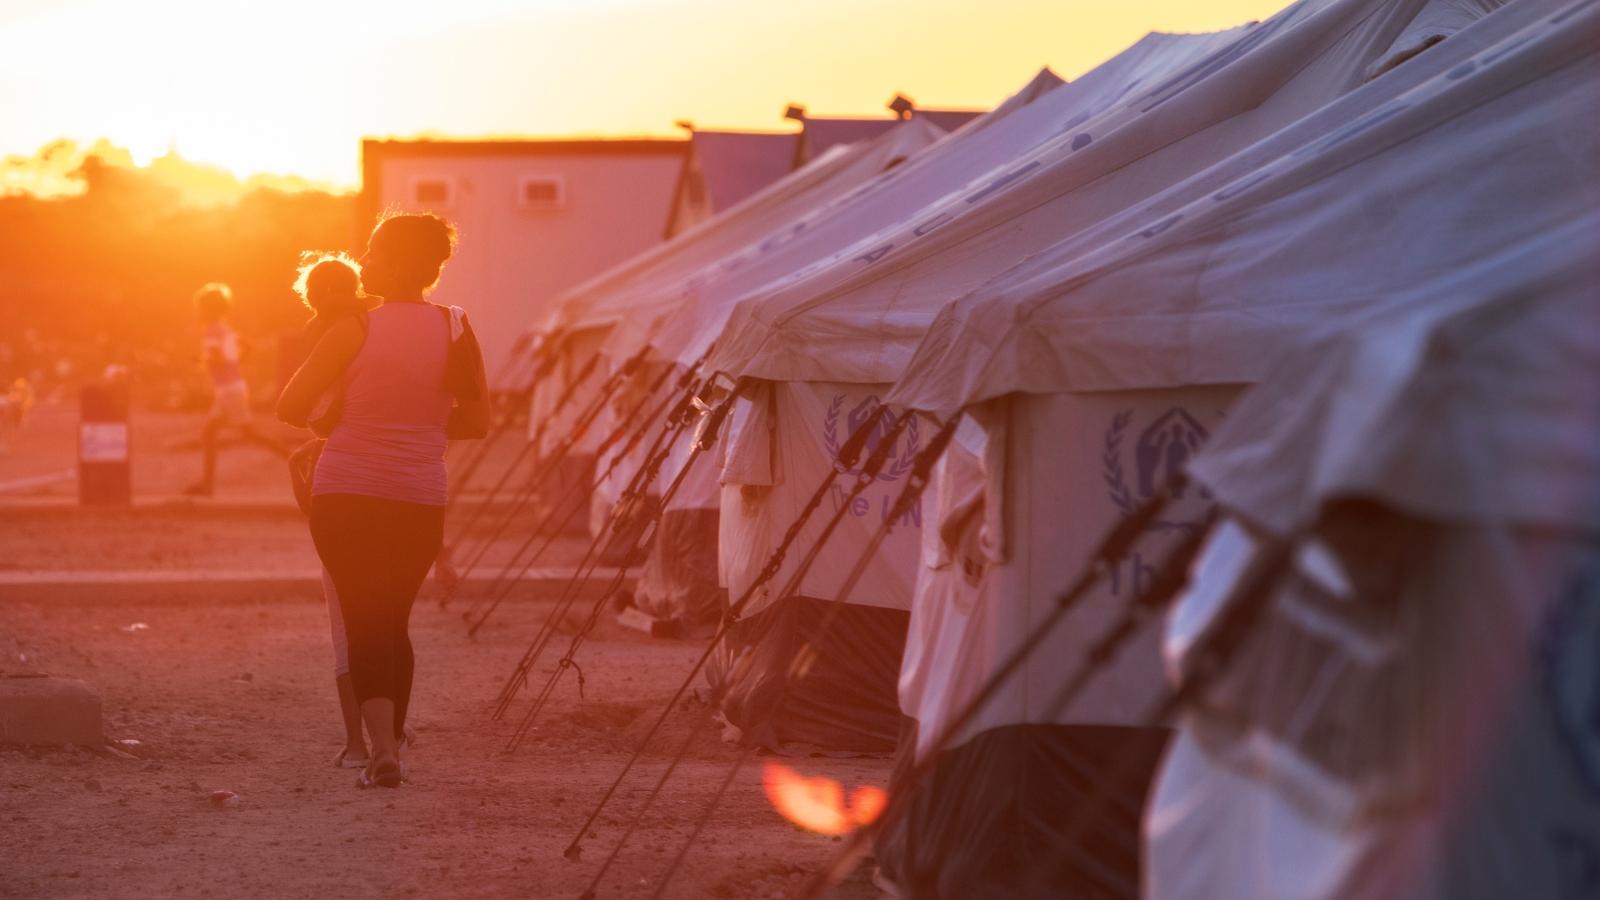 Abrazos en el desierto: la historia de las familias separadas por las fronteras